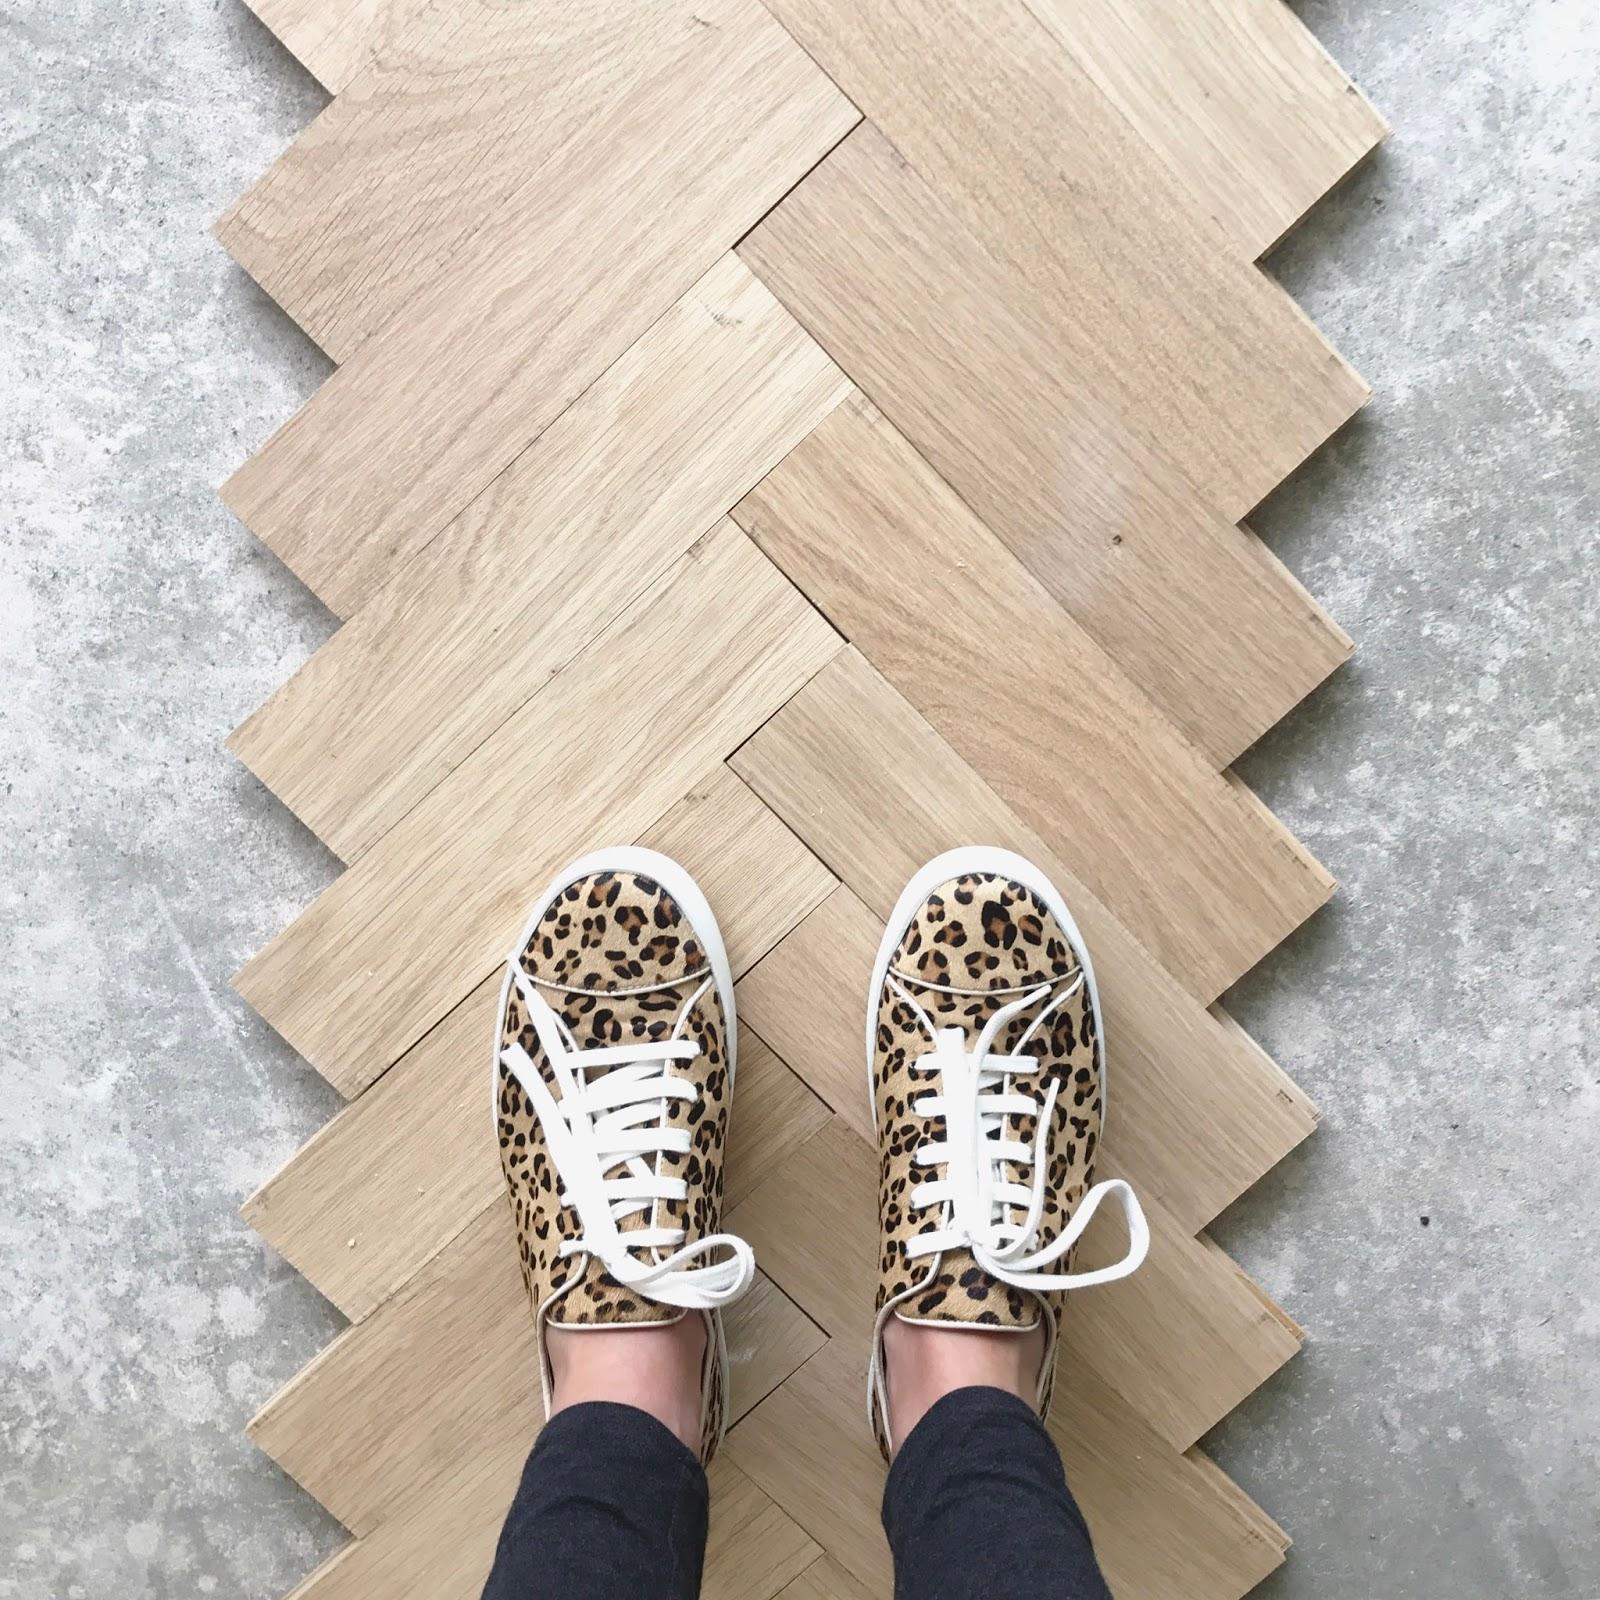 house laying a herringbone floor